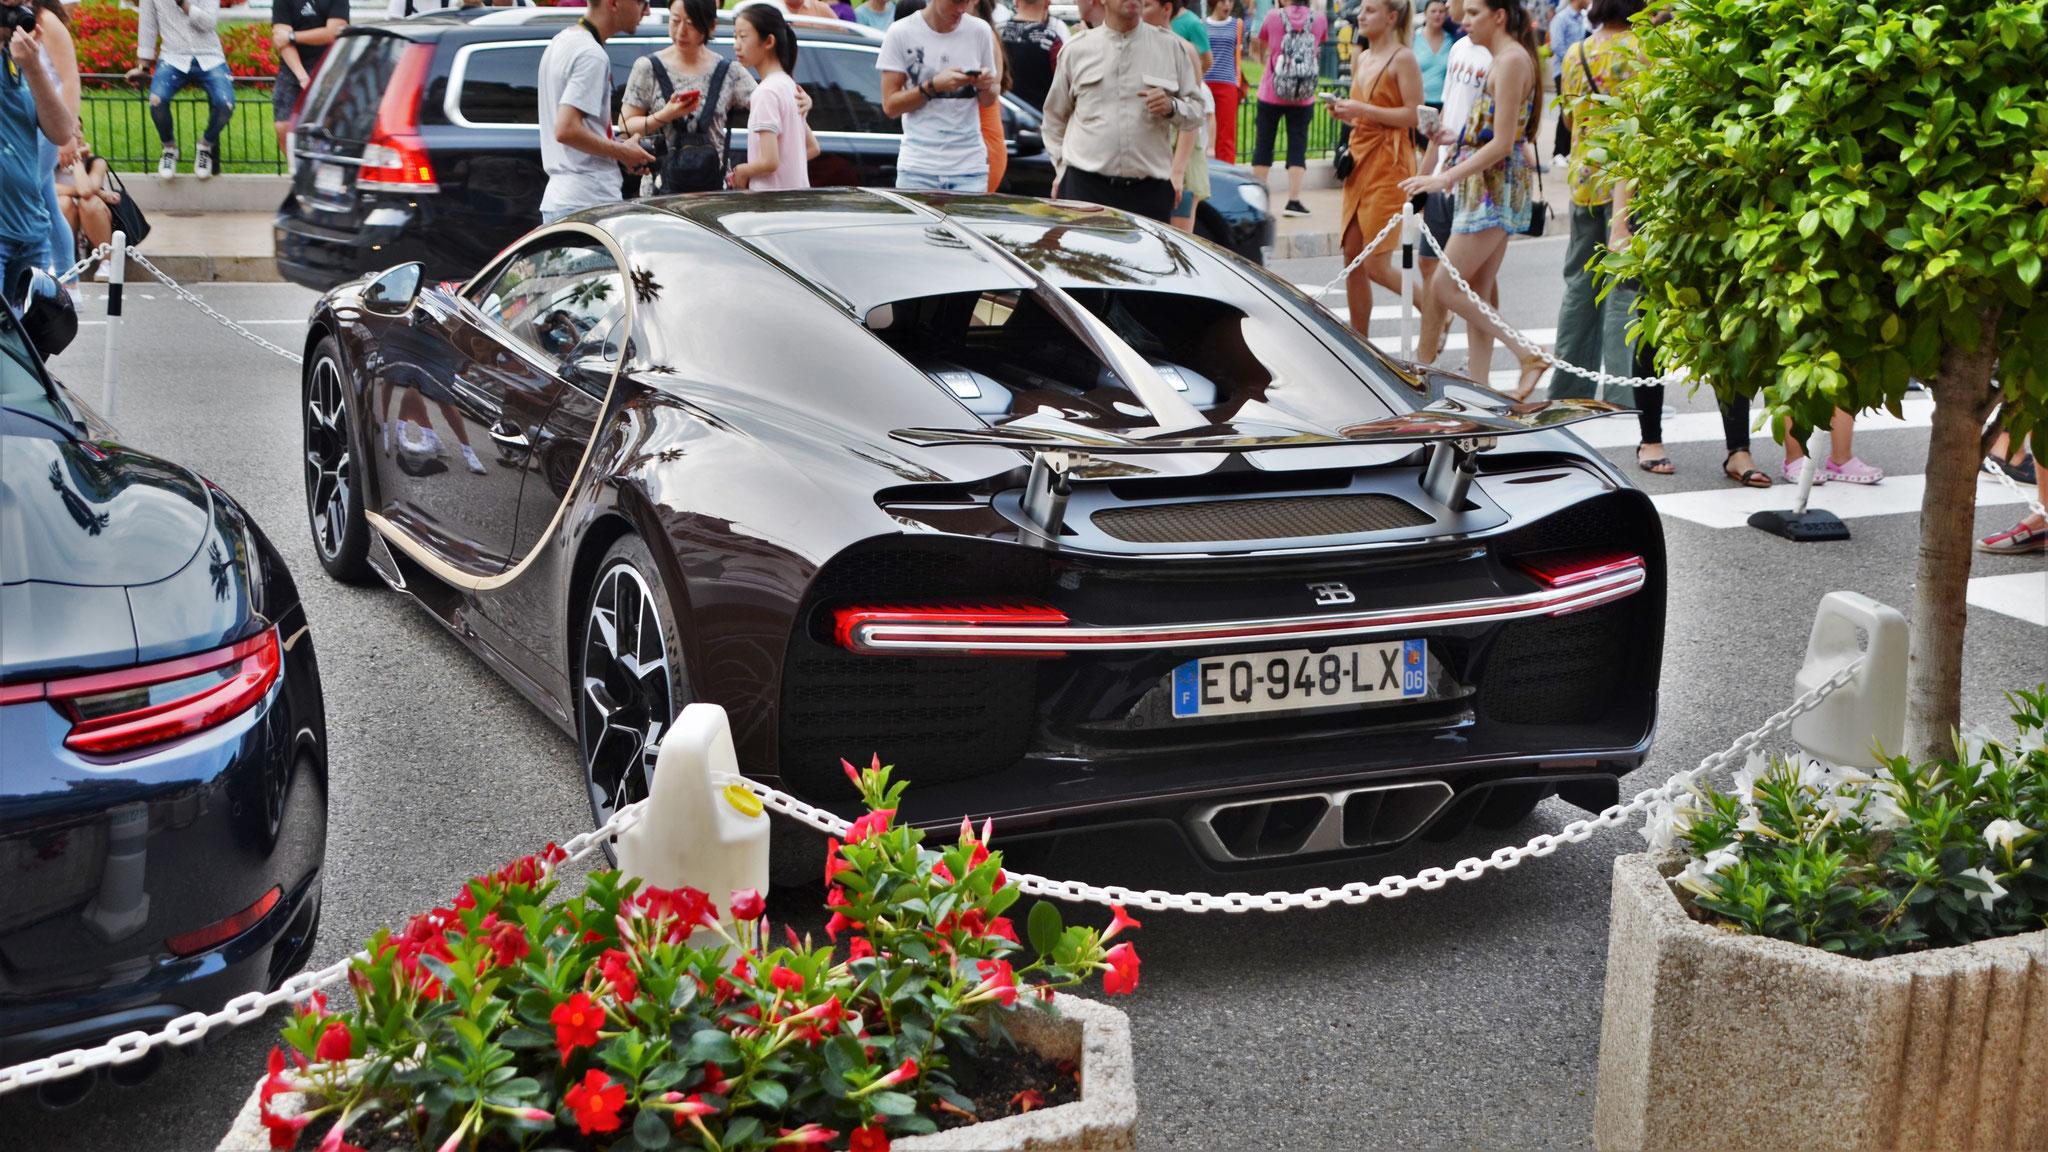 Bugatti Chiron - EQ-948-LX-06 (FRA)